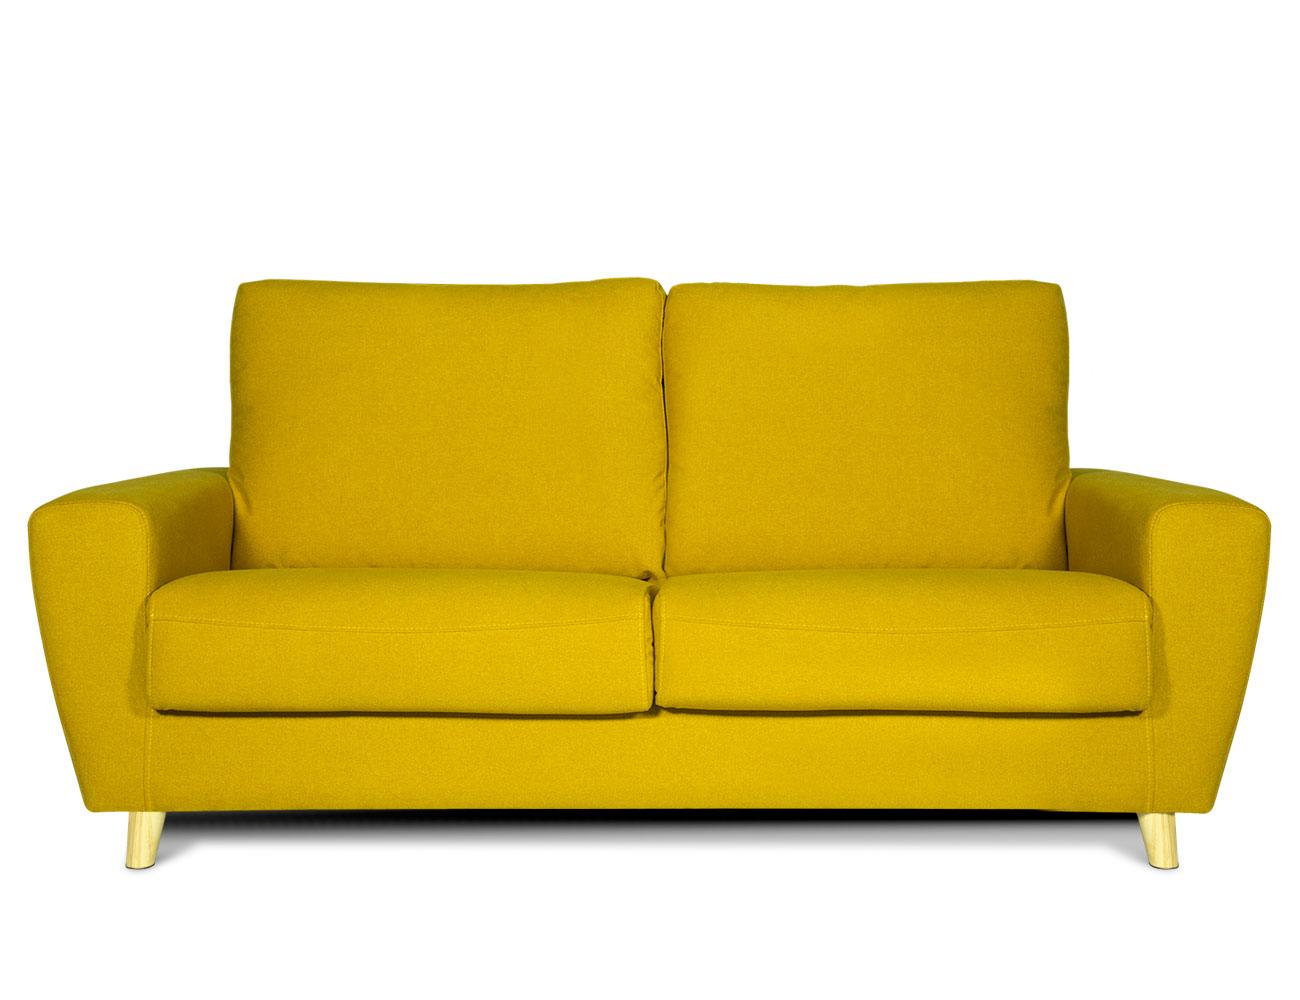 Sofa 3 plazas moderno amarillo